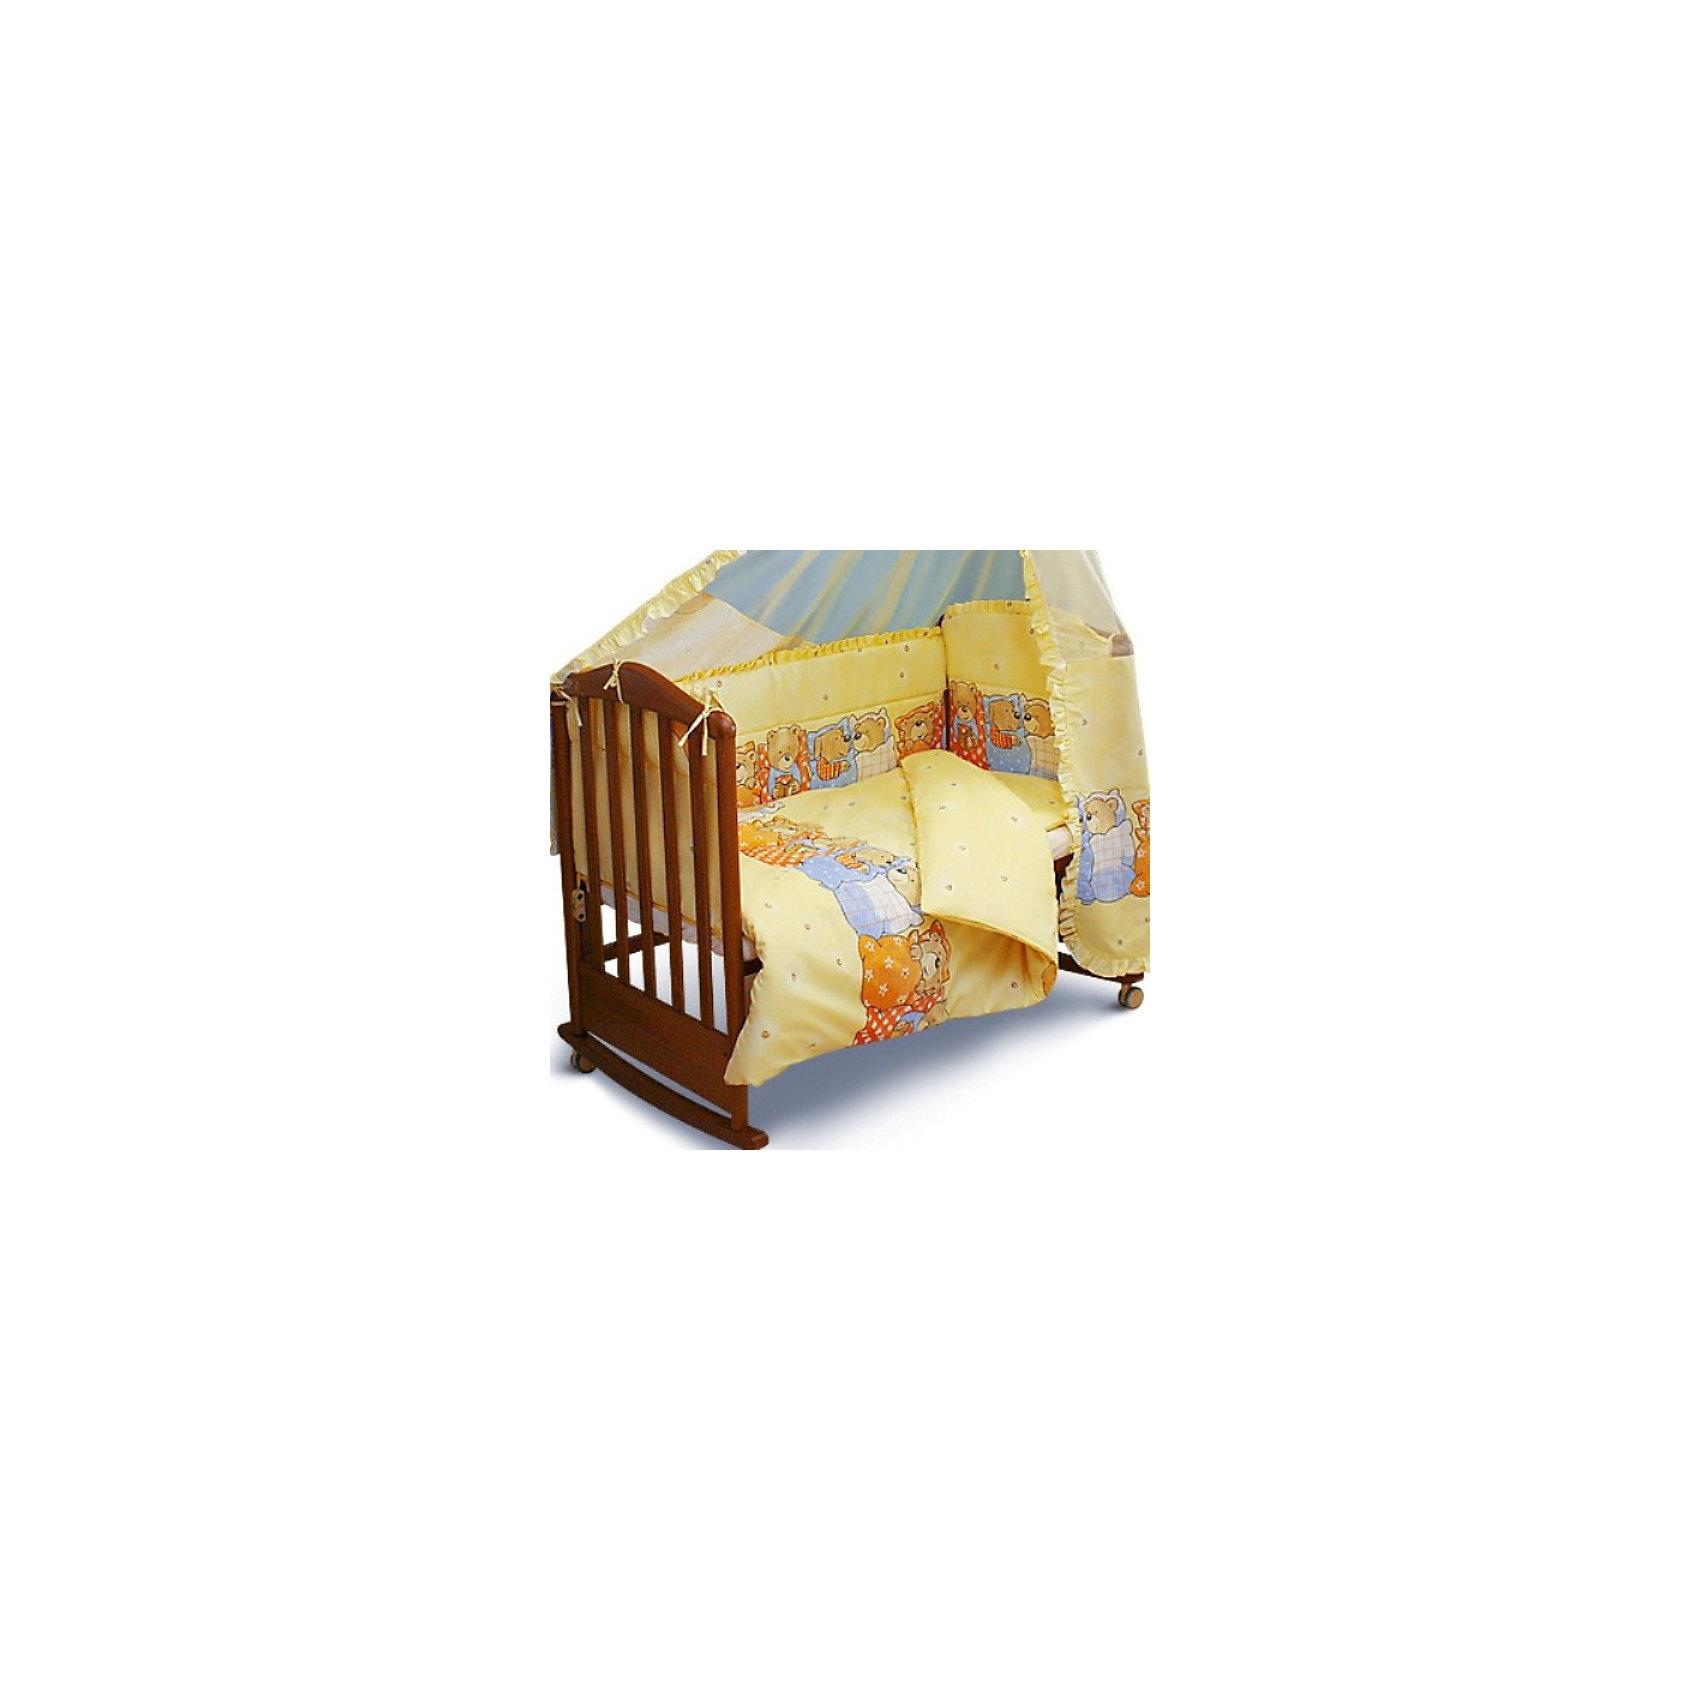 Борт Лежебоки Сонный гномик, желтыйХарактеристики:<br><br>• Вид детского текстиля: бортики для кроватки<br>• Пол: универсальный<br>• Серия: Лежебоки<br>• Тематика рисунка: медвежата<br>• Сезон: круглый год<br>• Материал: бязь, хлопок 100%<br>• Наполнитель: холлофайбер Хард<br>• Цвет: желтый, белый, синий, коричневый<br>• Размеры: 360*50 см<br>• Съемные чехлы на молнии<br>• Способ крепления к кроватке: завязки<br>• Упаковка: полиэтилен <br>• Вес в упаковке: 1 кг 195 г<br>• Особенности ухода: машинная стирка при температуре 30 градусов<br><br>Борт Лежебоки Сонный гномик, желтый от отечественного торгового бренда выполнен с учетом международных требований к качеству и безопасности товаров для детей. Комплект предназначен для детских кроваток, спальное место которых составляет не менее 120*60 см. Бортики состоят их четырех частей, выполнены из 100% хлопка с повышенными качественными характеристиками: гигроскопичные, гипоаллергенные, устойчивые к изменению цвета и формы, а также к изминанию, что наиболее важно для детского постельного белья. Все части выполнены из цельного полотна, боковые швы – закрытые, что обеспечивает их прочность и надежность. Для удобства ухода за изделием, предусмотрены съемные чехлы. Бортики выполнены в брендовом дизайне с изображением медвежат под одеялами.<br>Борт Лежебоки Сонный гномик, желтый обеспечит безопасность и комфорт для крепкого детского сна! <br><br>Борт Лежебоки Сонный гномик, желтый можно купить в нашем интернет-магазине.<br><br>Ширина мм: 650<br>Глубина мм: 140<br>Высота мм: 490<br>Вес г: 900<br>Возраст от месяцев: 0<br>Возраст до месяцев: 48<br>Пол: Унисекс<br>Возраст: Детский<br>SKU: 4122085